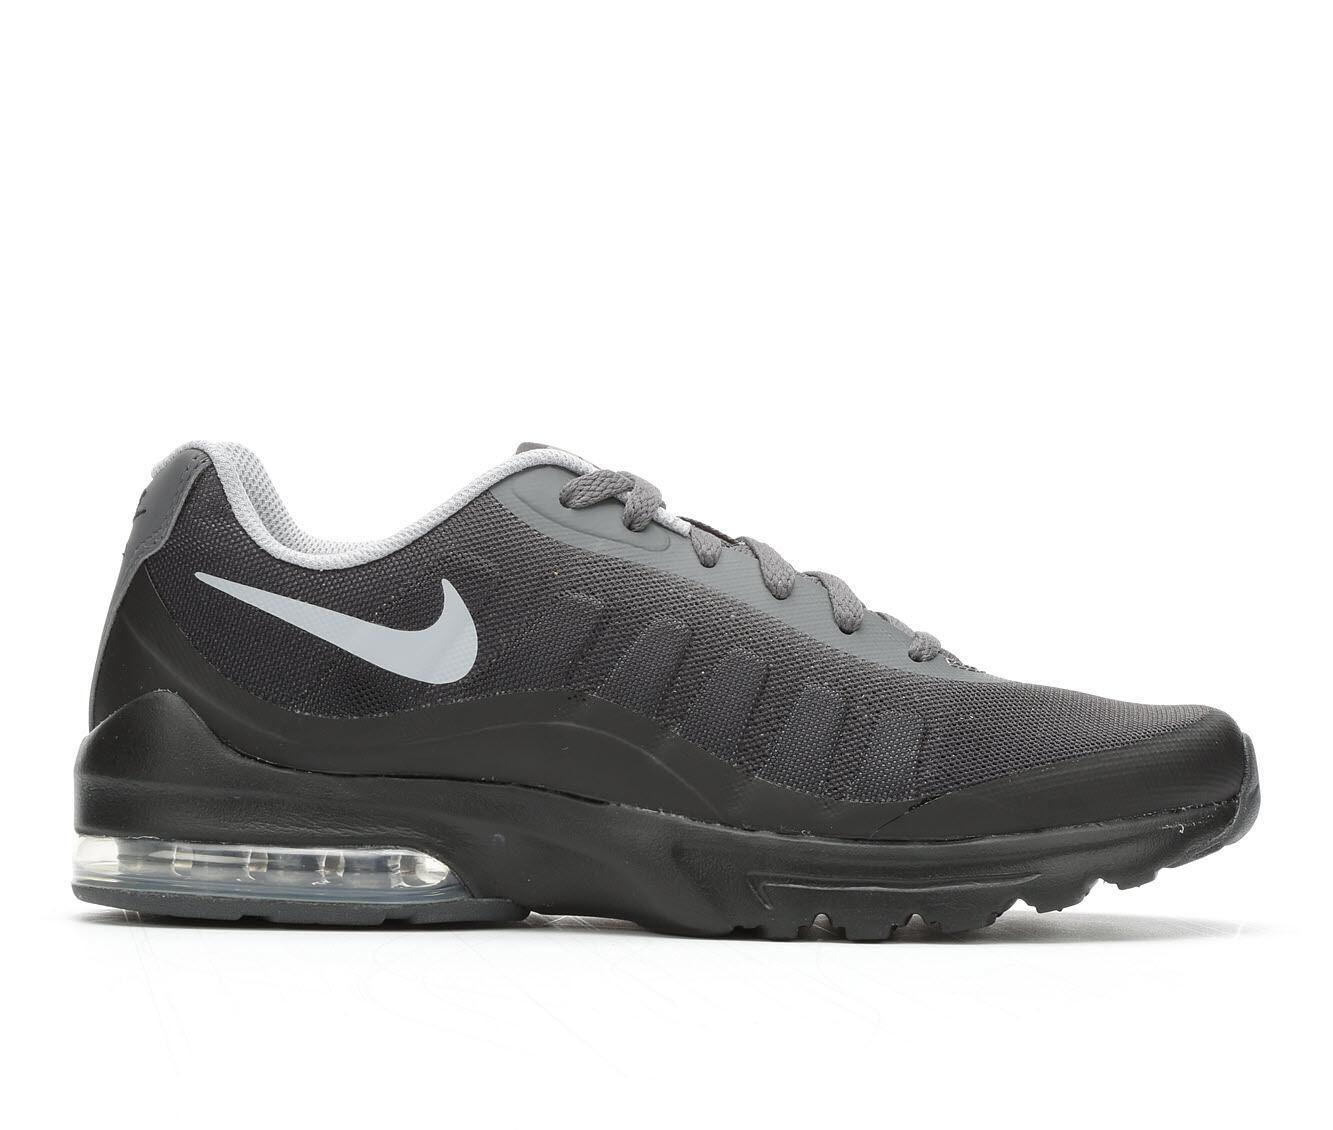 Men's Nike Air Max Invigor Print Athletic Sneakers Black/Grey 005